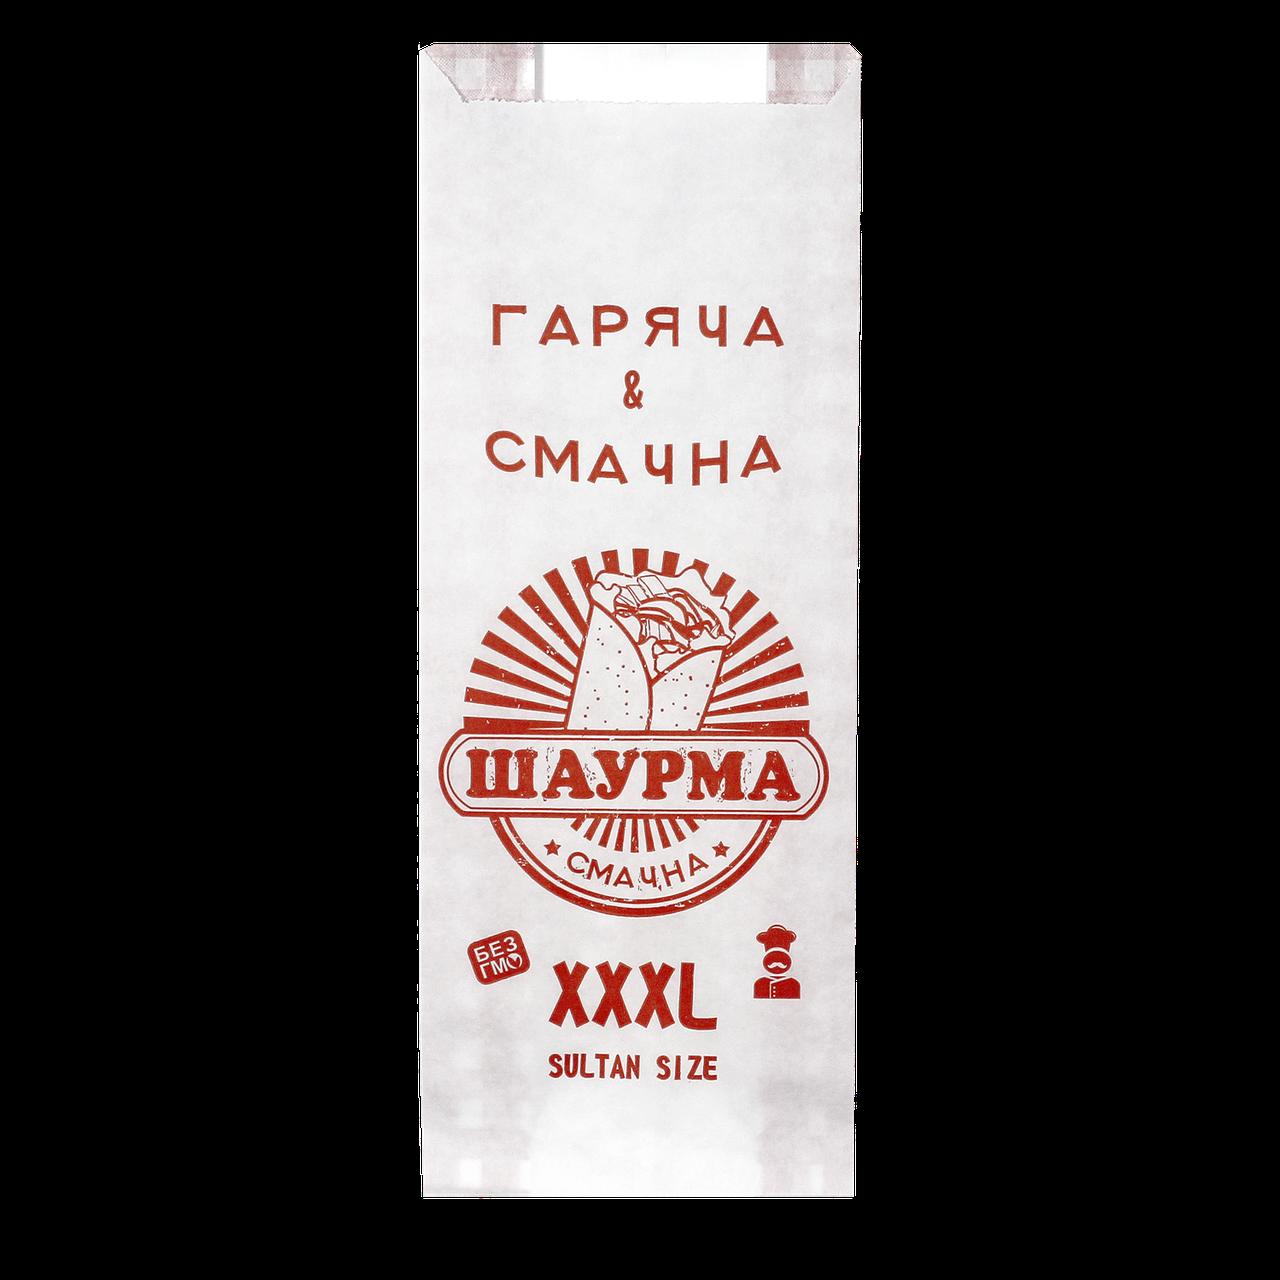 """Пакет паперовий  """"Шаурма XXXL"""" 270*100*50 100шт (244)"""